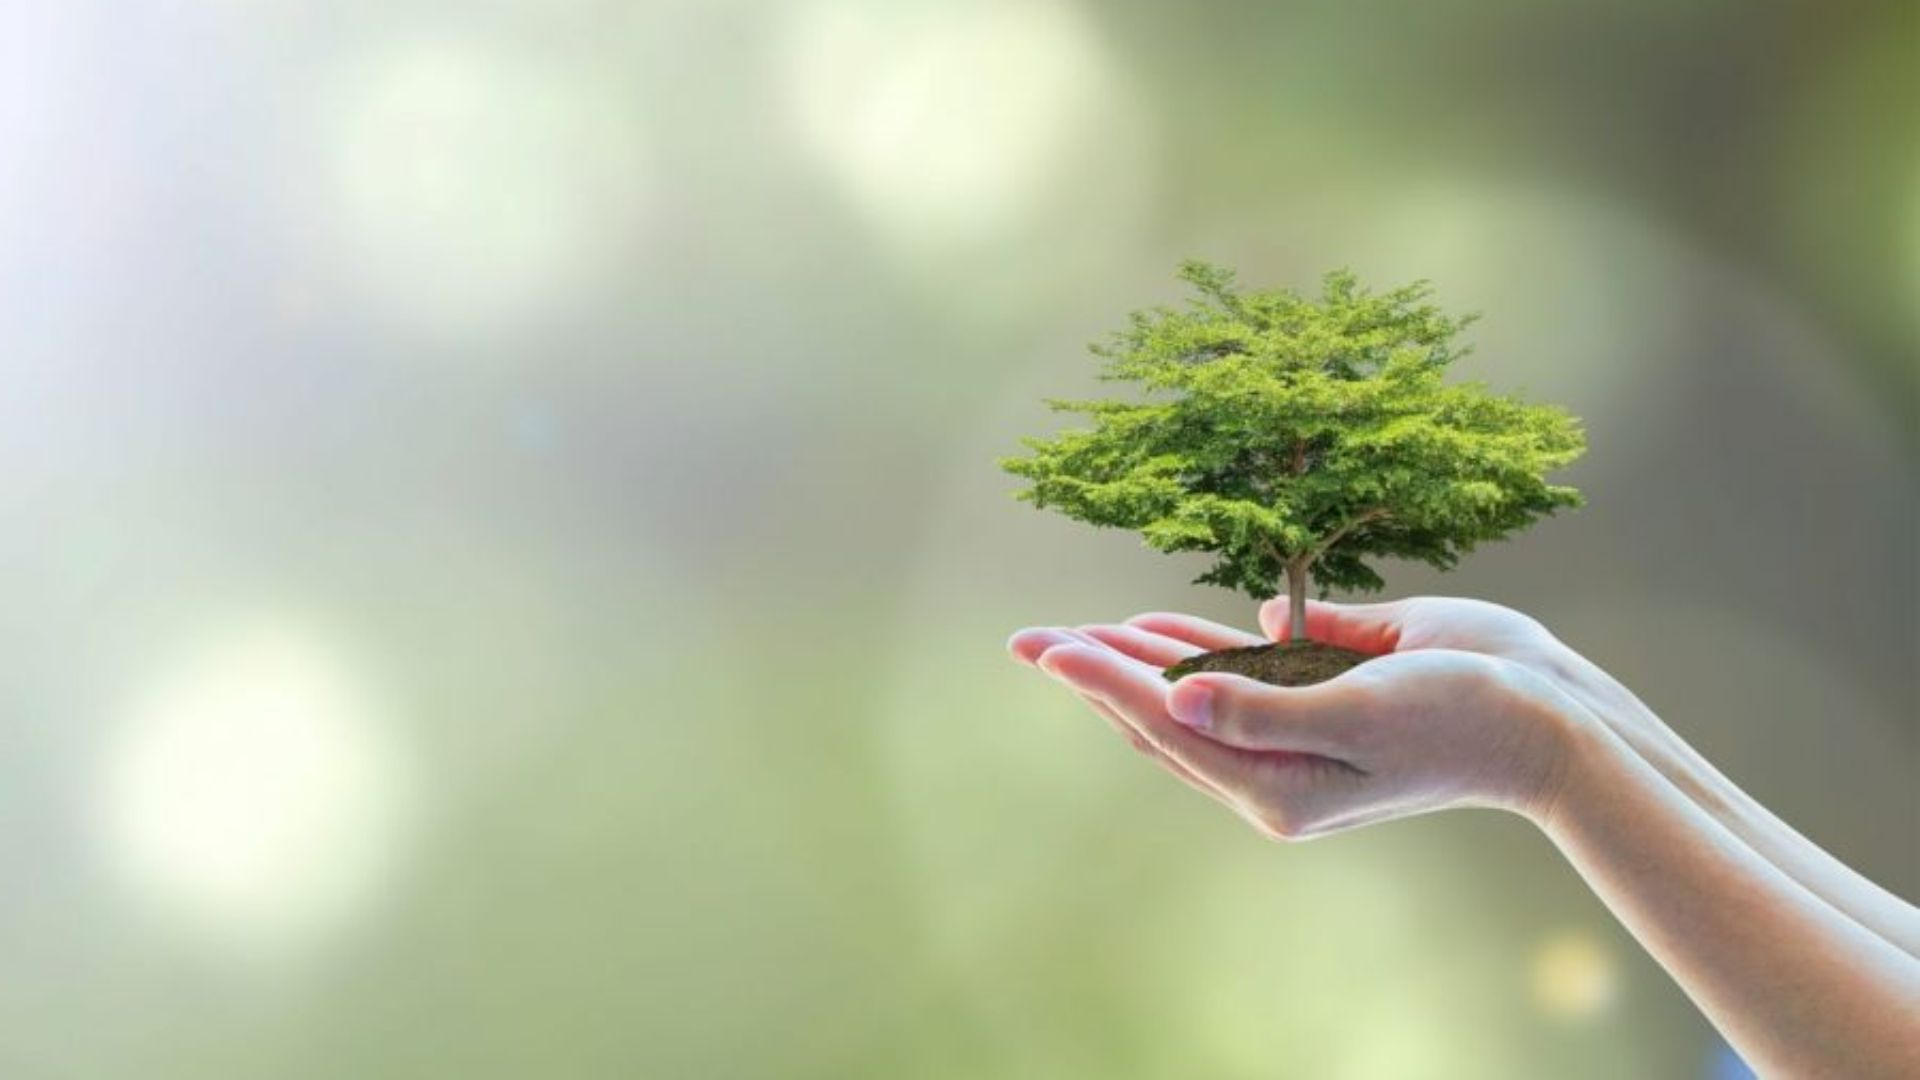 Ecomondo: the green technology expo